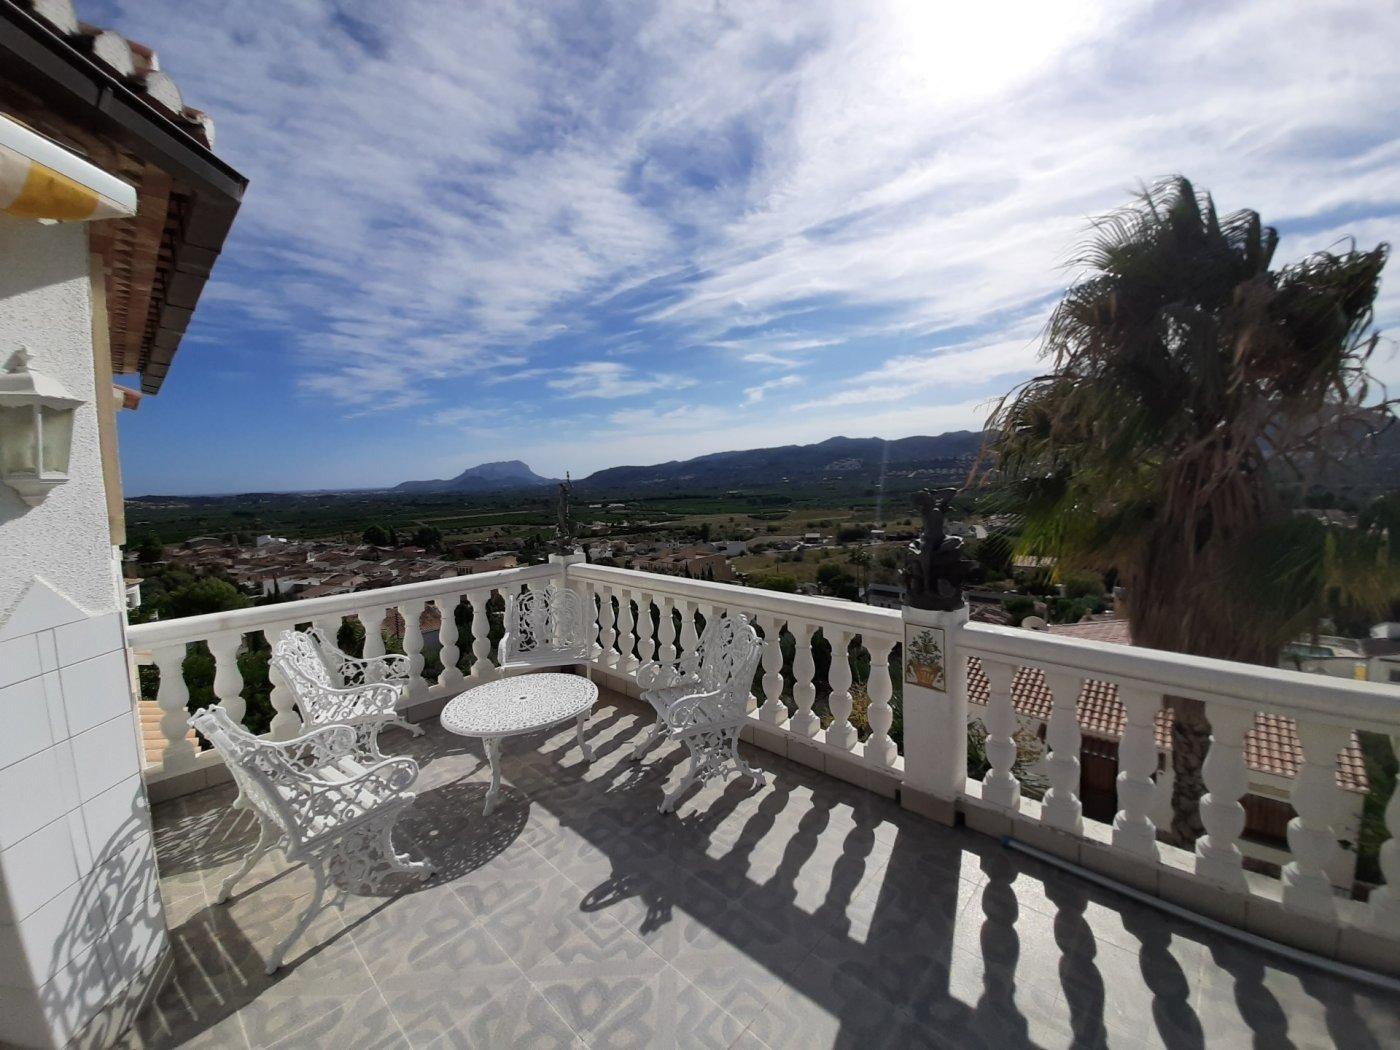 OPORTUNIDAD DE VIVIR CERCA DE LAS NUBES - Apartamento en Tormos